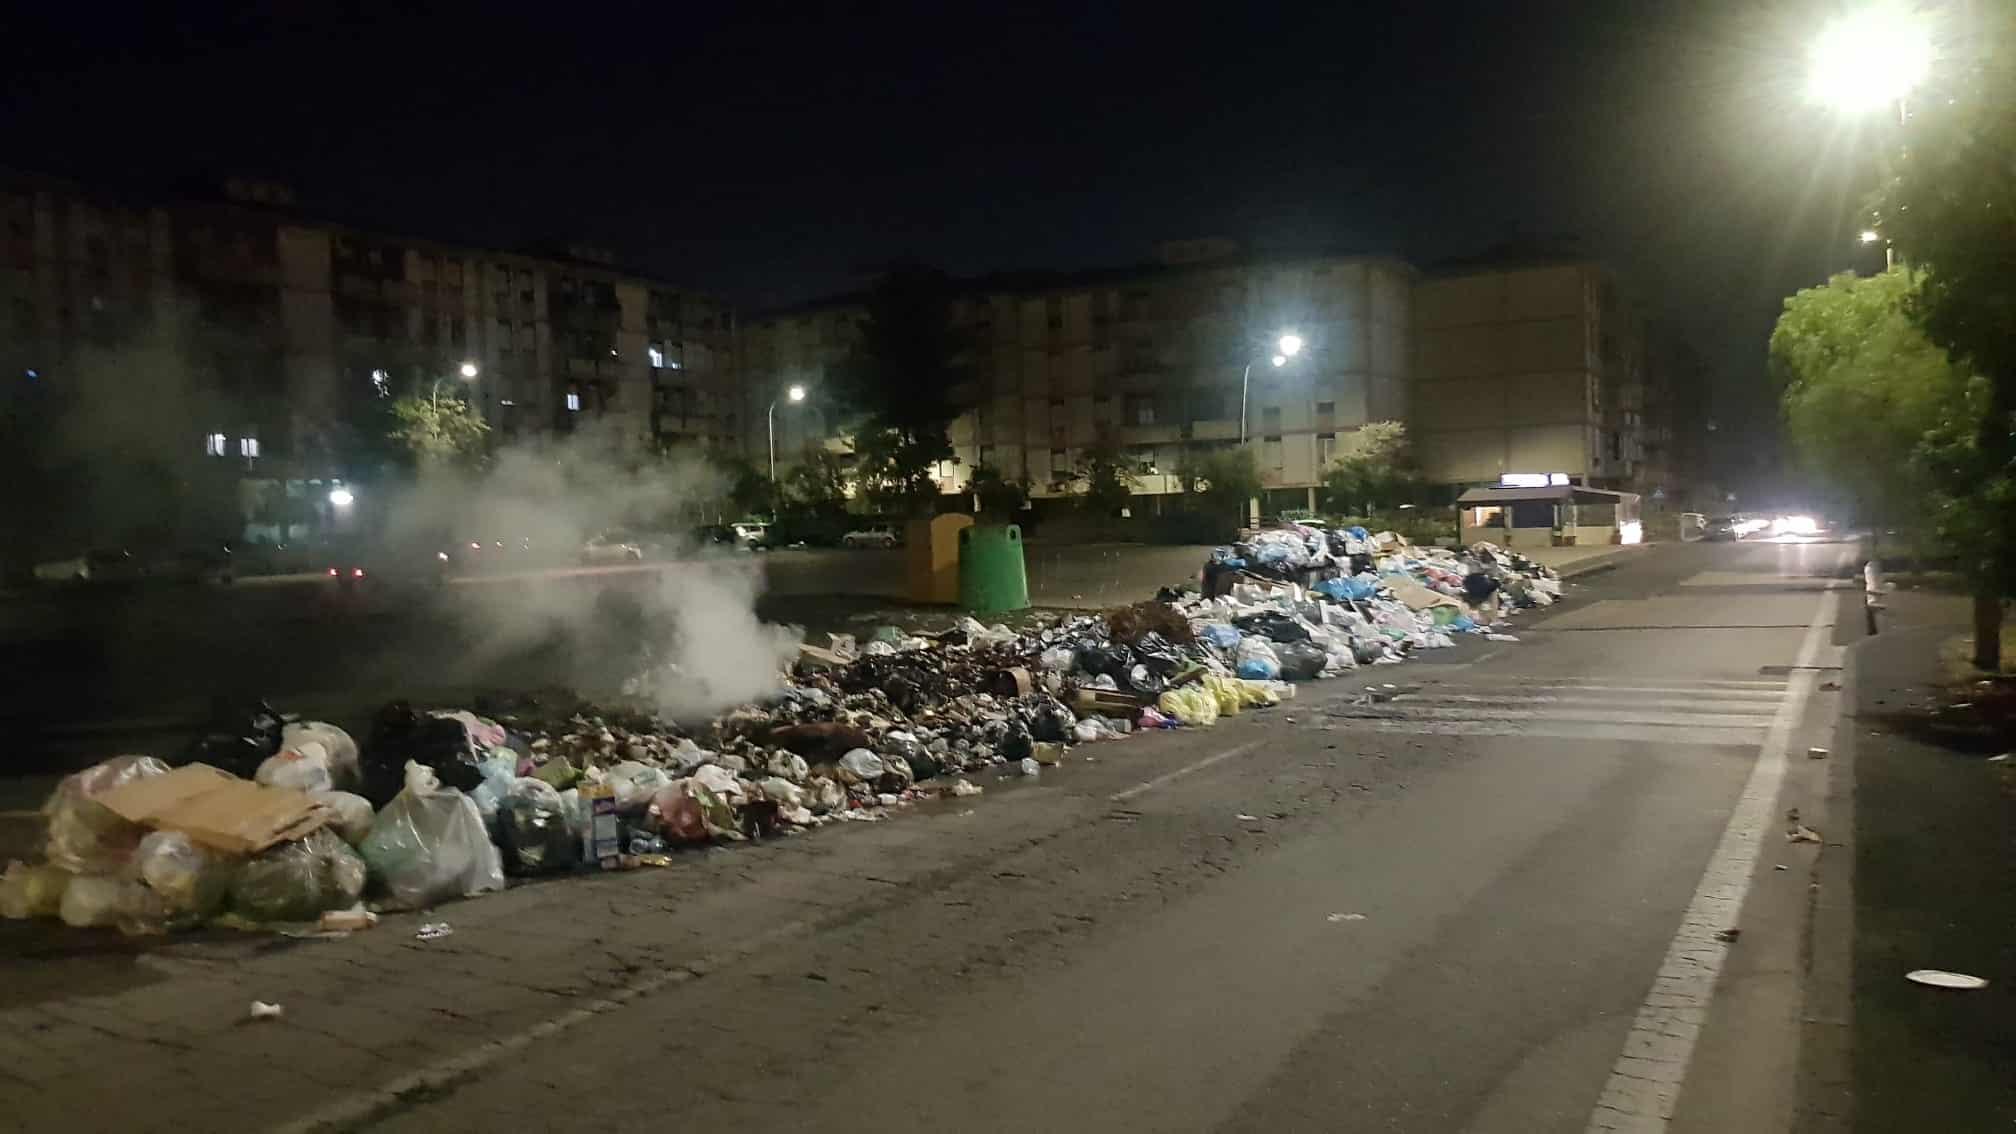 Aumentano le strade-discarica e spazzatura bruciata nel IV Municipio di Catania